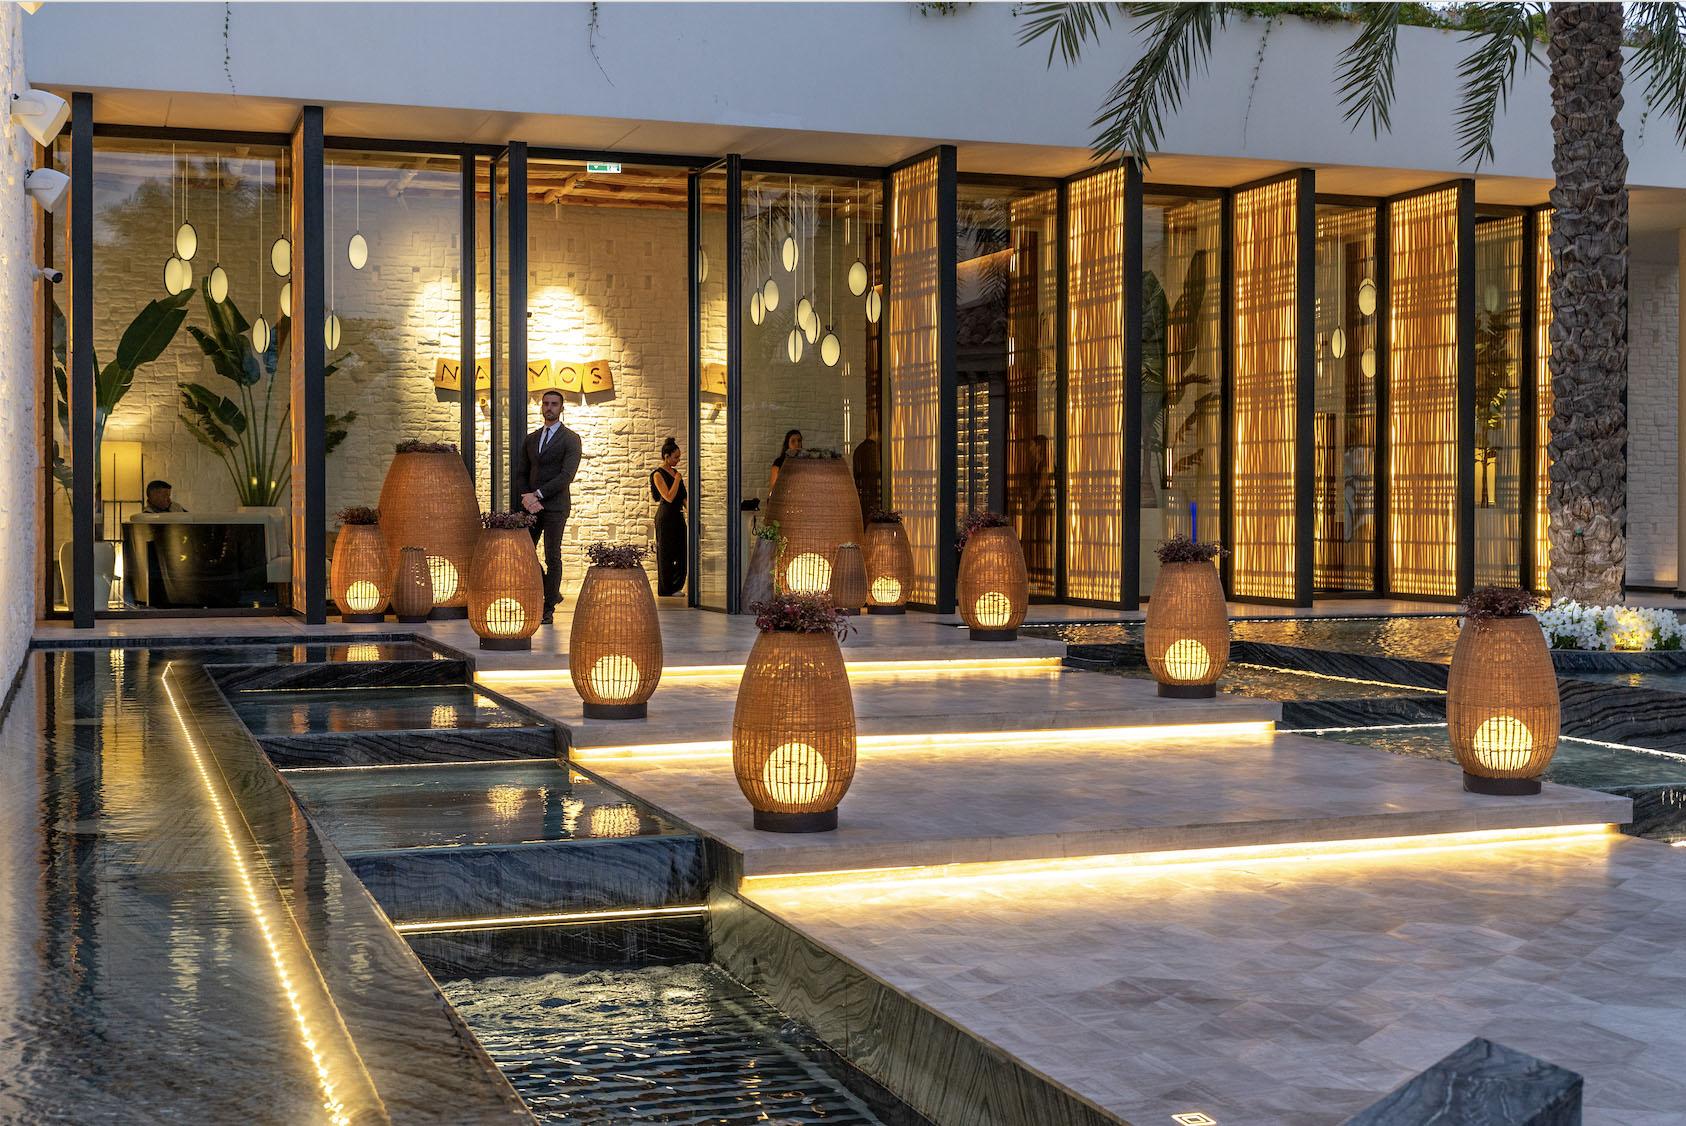 Nammos Mykonos - DUBAI, UAE